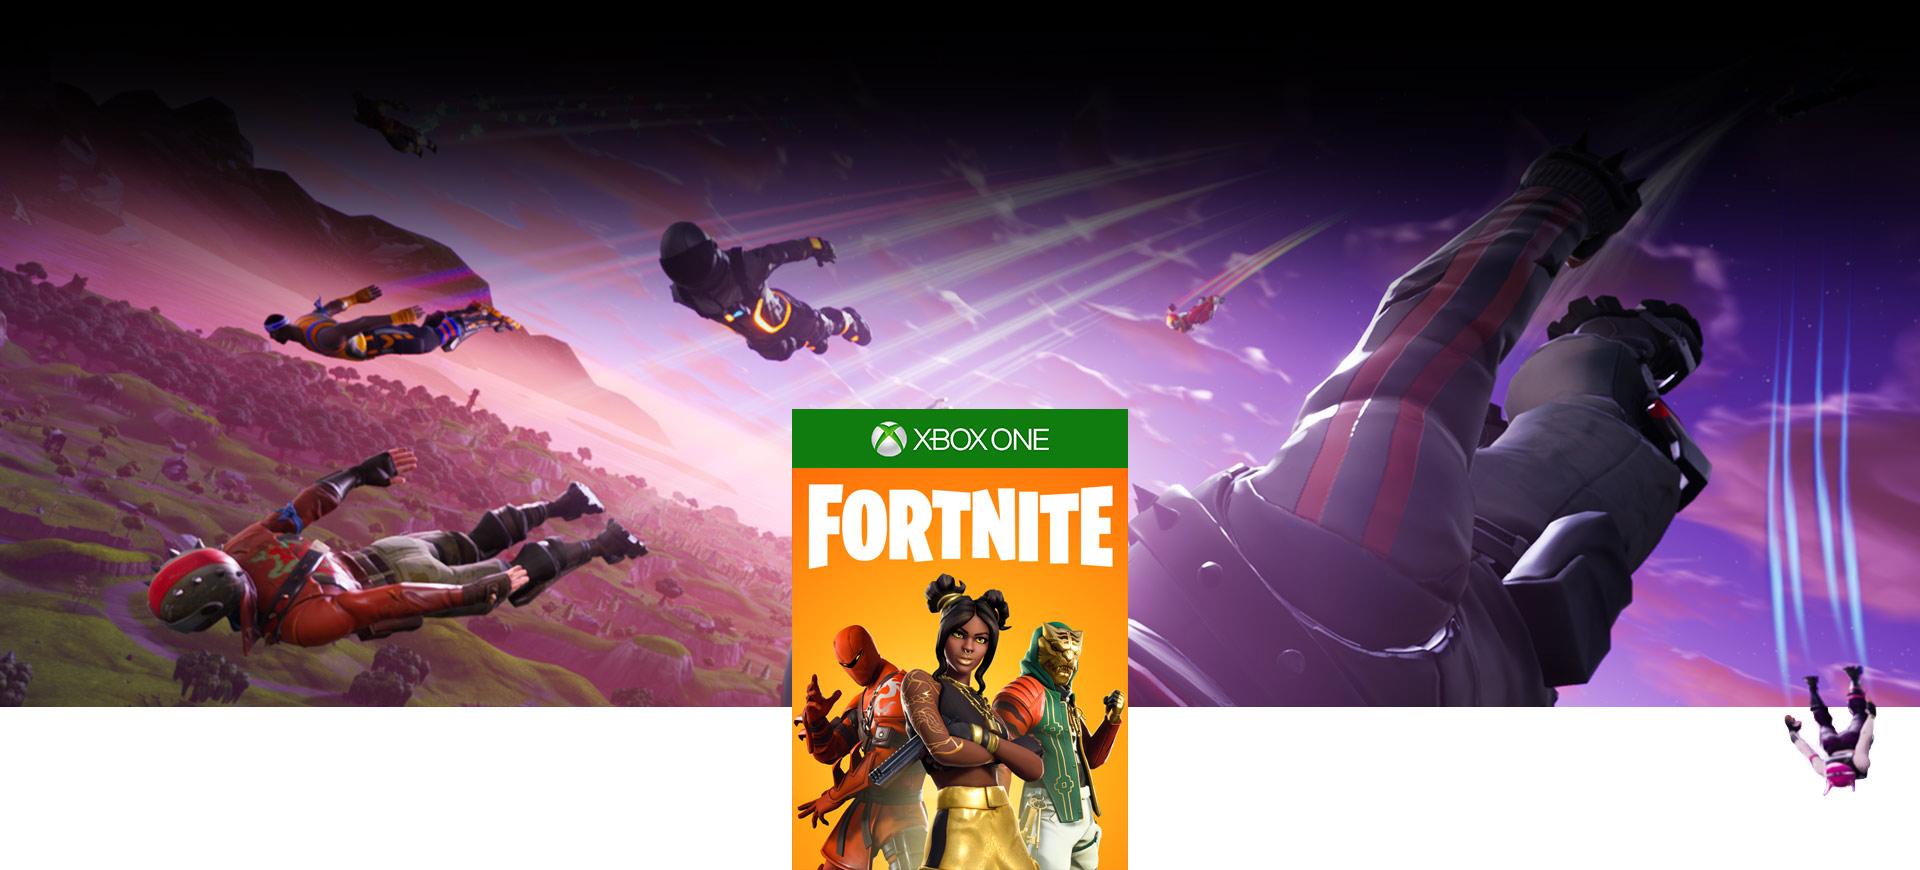 Image de la boîte Fortnite, Personnages de Fortnite sautant en parachute